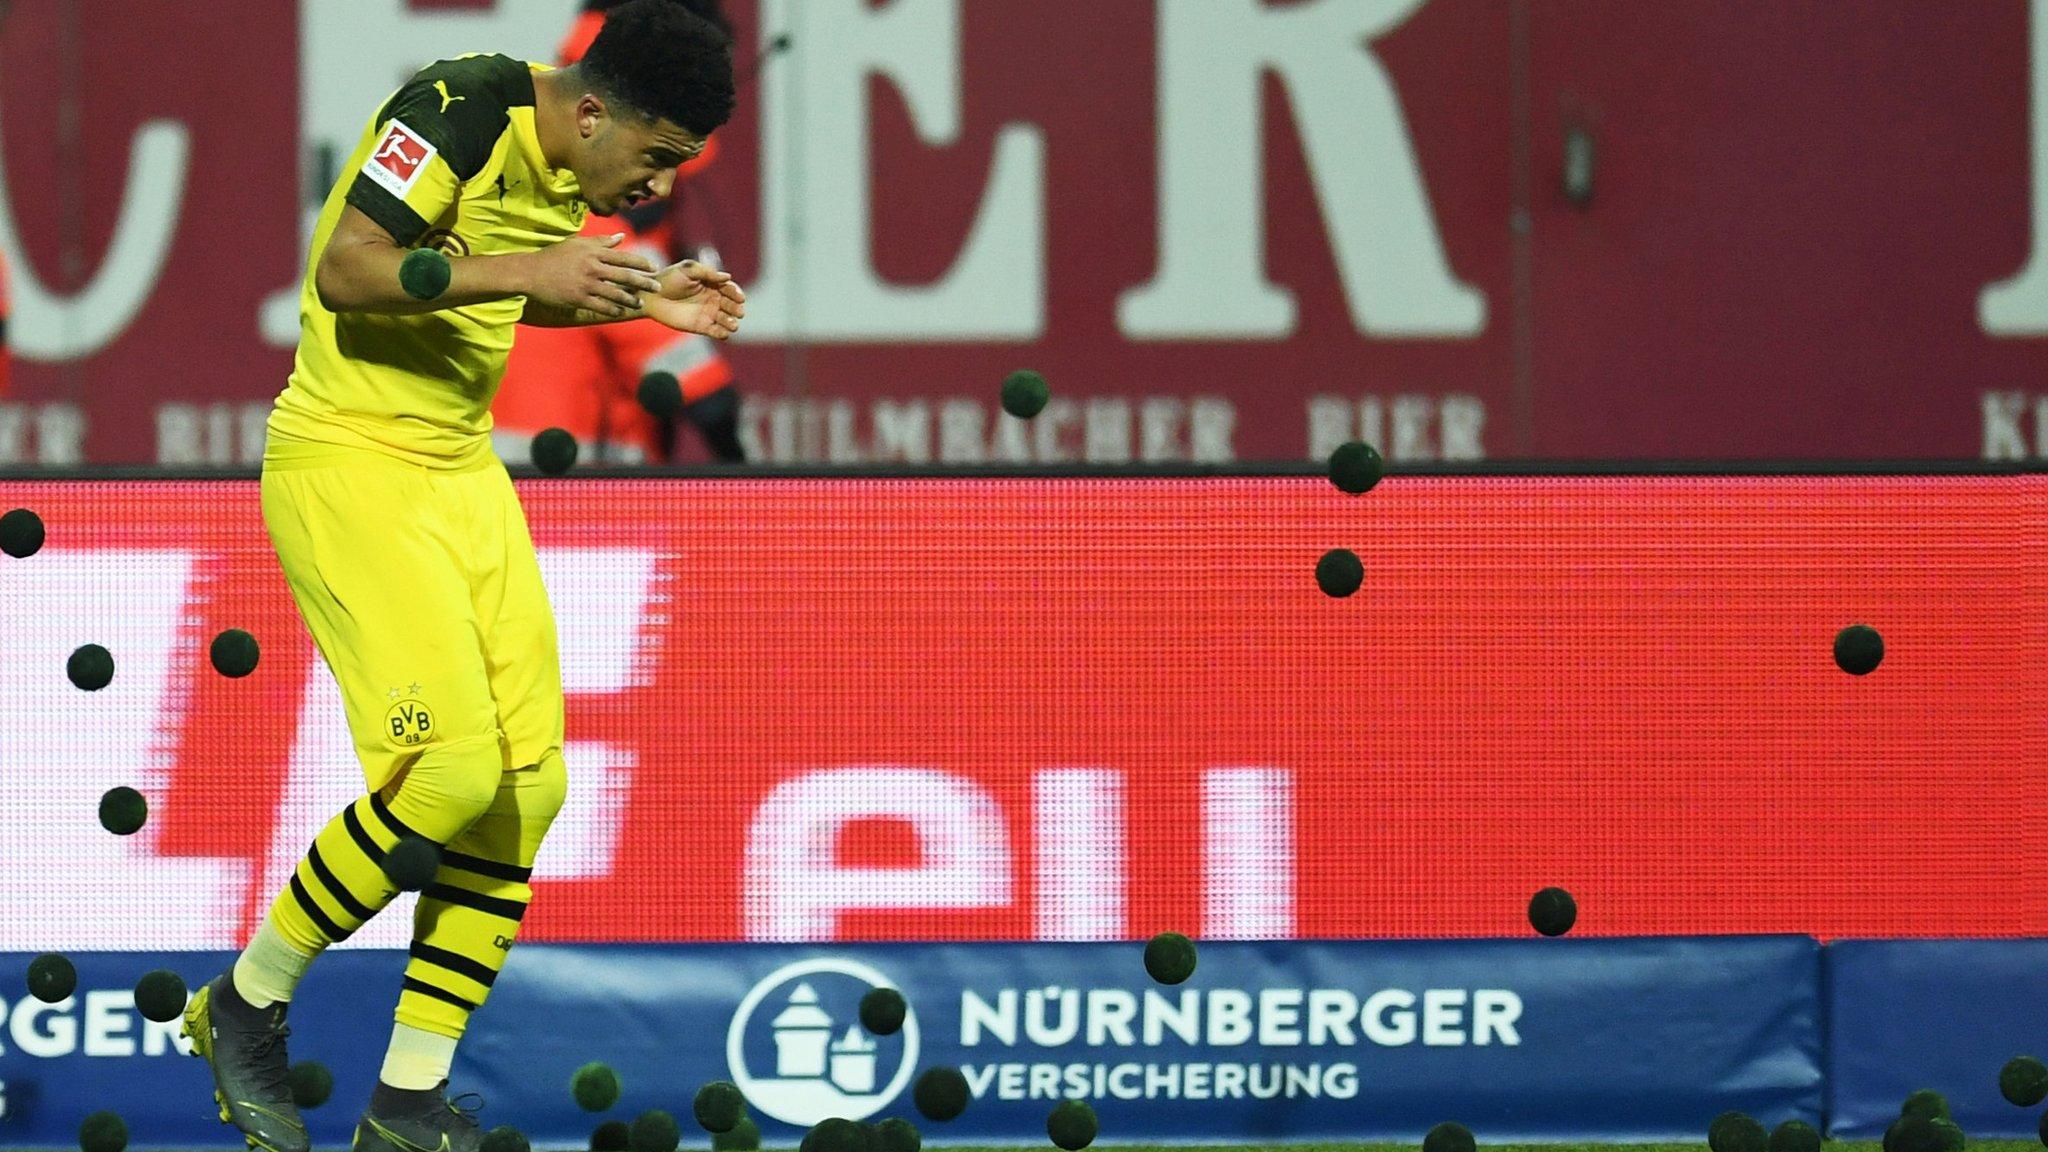 Nuremberg 0-0 Borussia Dortmund: Fans halt match by throwing tennis balls on pitch